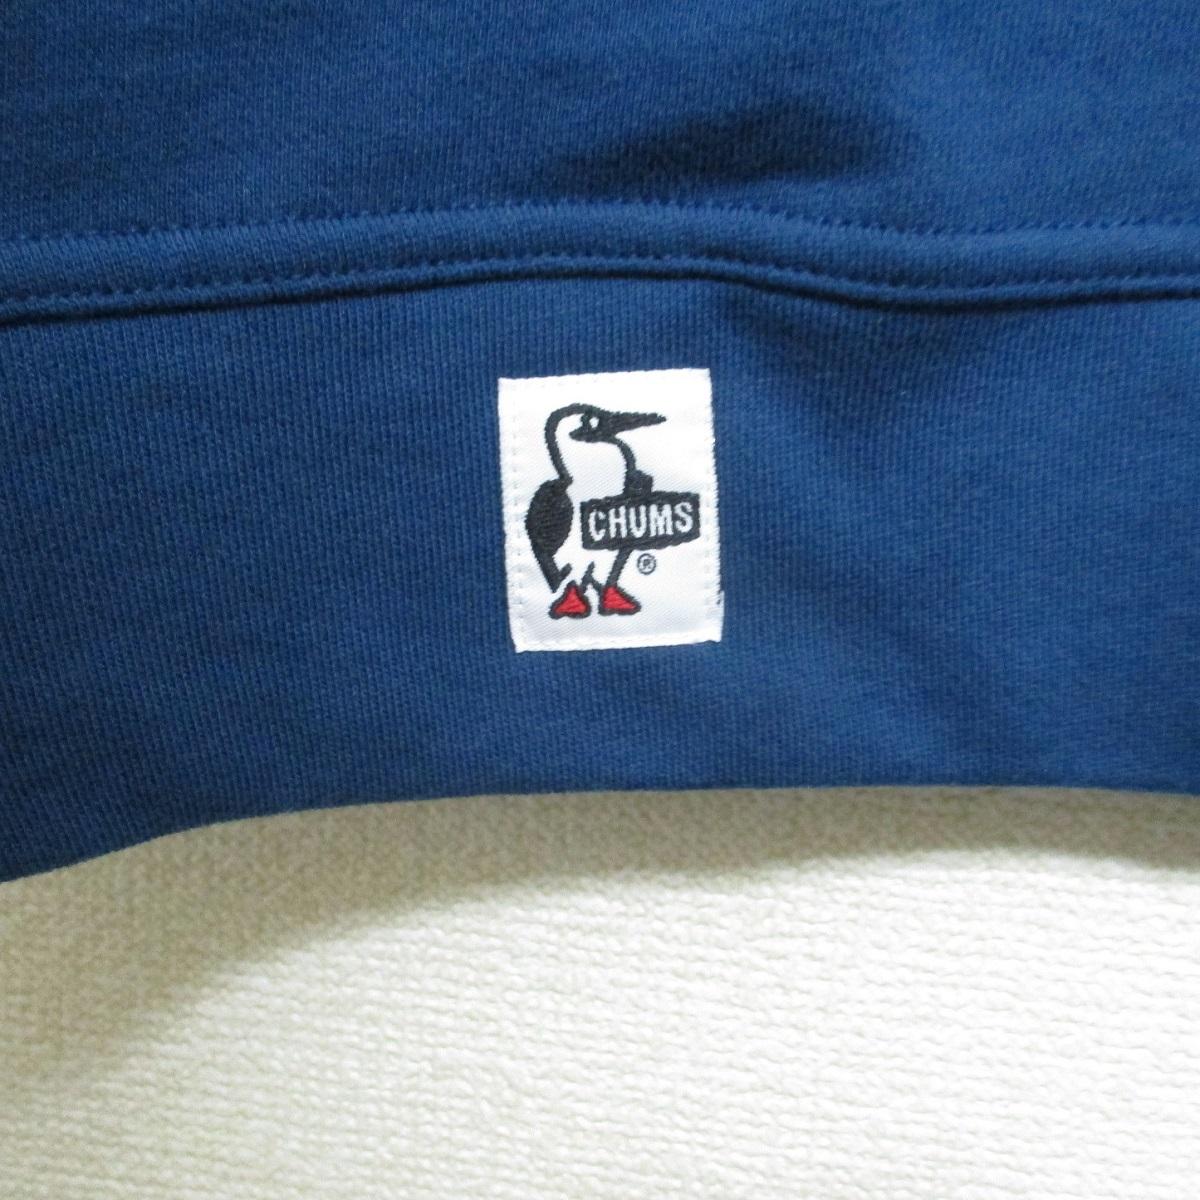 L ネイビー 新品 CHUMS チャムス ロゴ 刺繍 ビッグ ブービー Booby クルー トップ スウェット トレーナー 紺 未使用 7590円 春物 春先_画像6